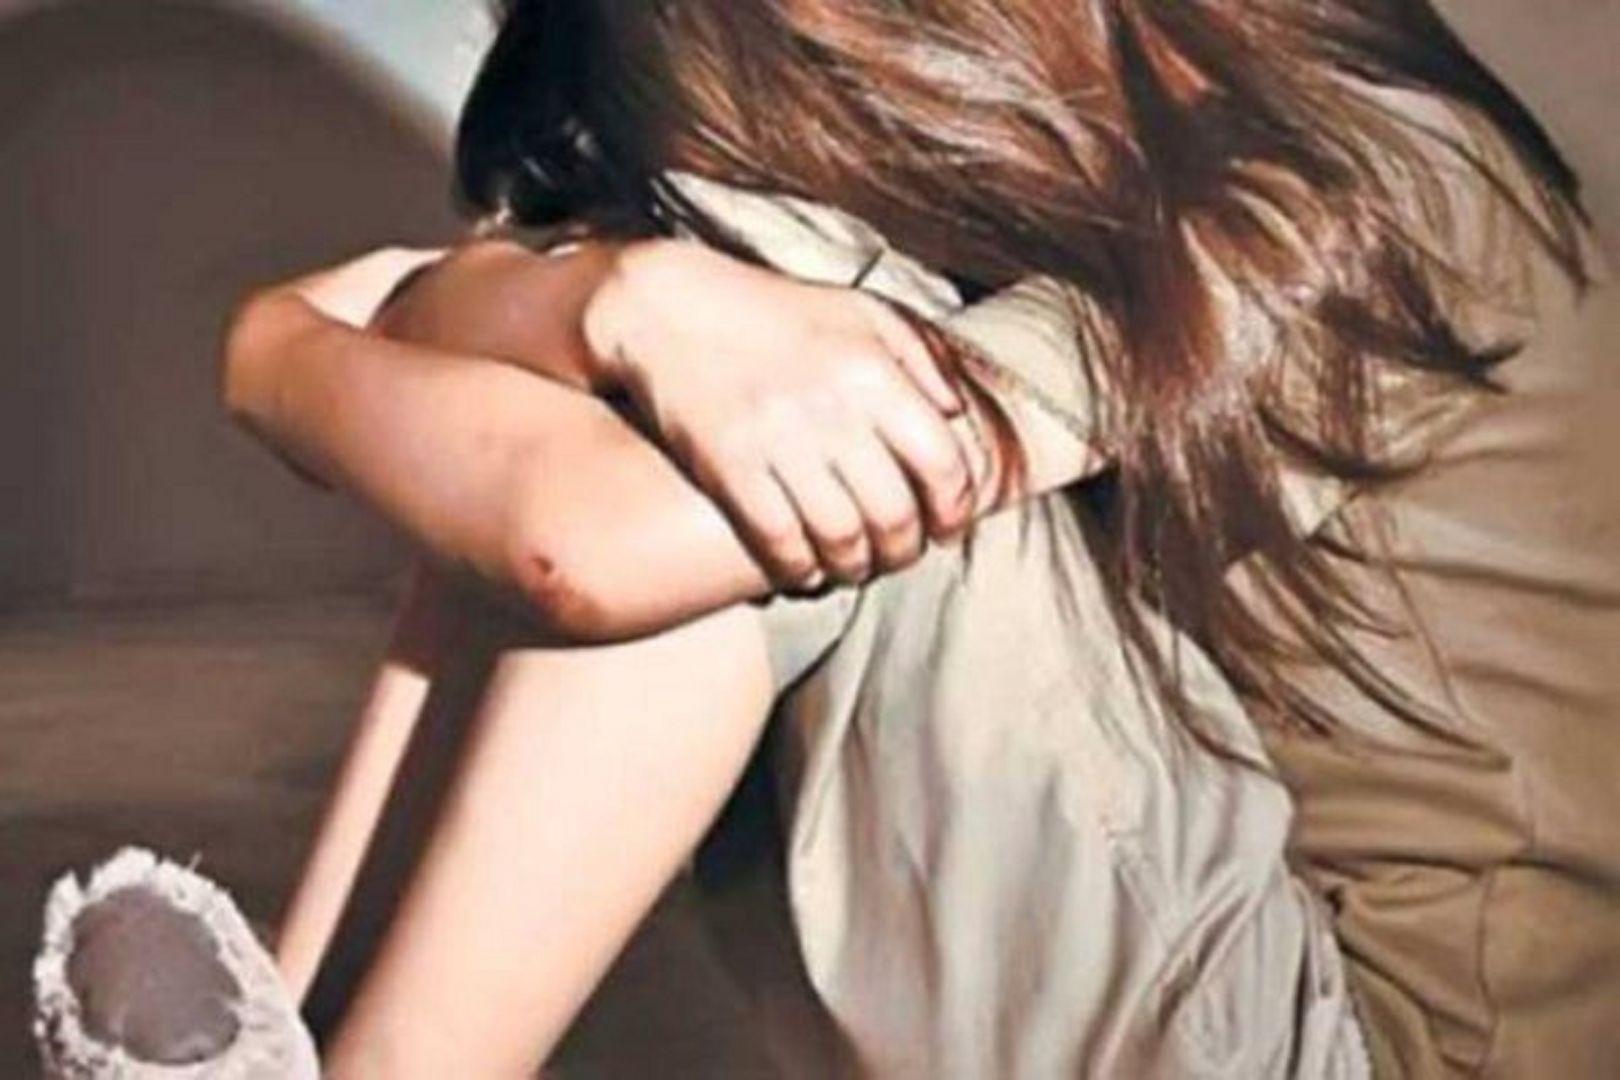 ВСтаврополье мужчина обвиняется вдомогательствах до молодой дочери сожительницы